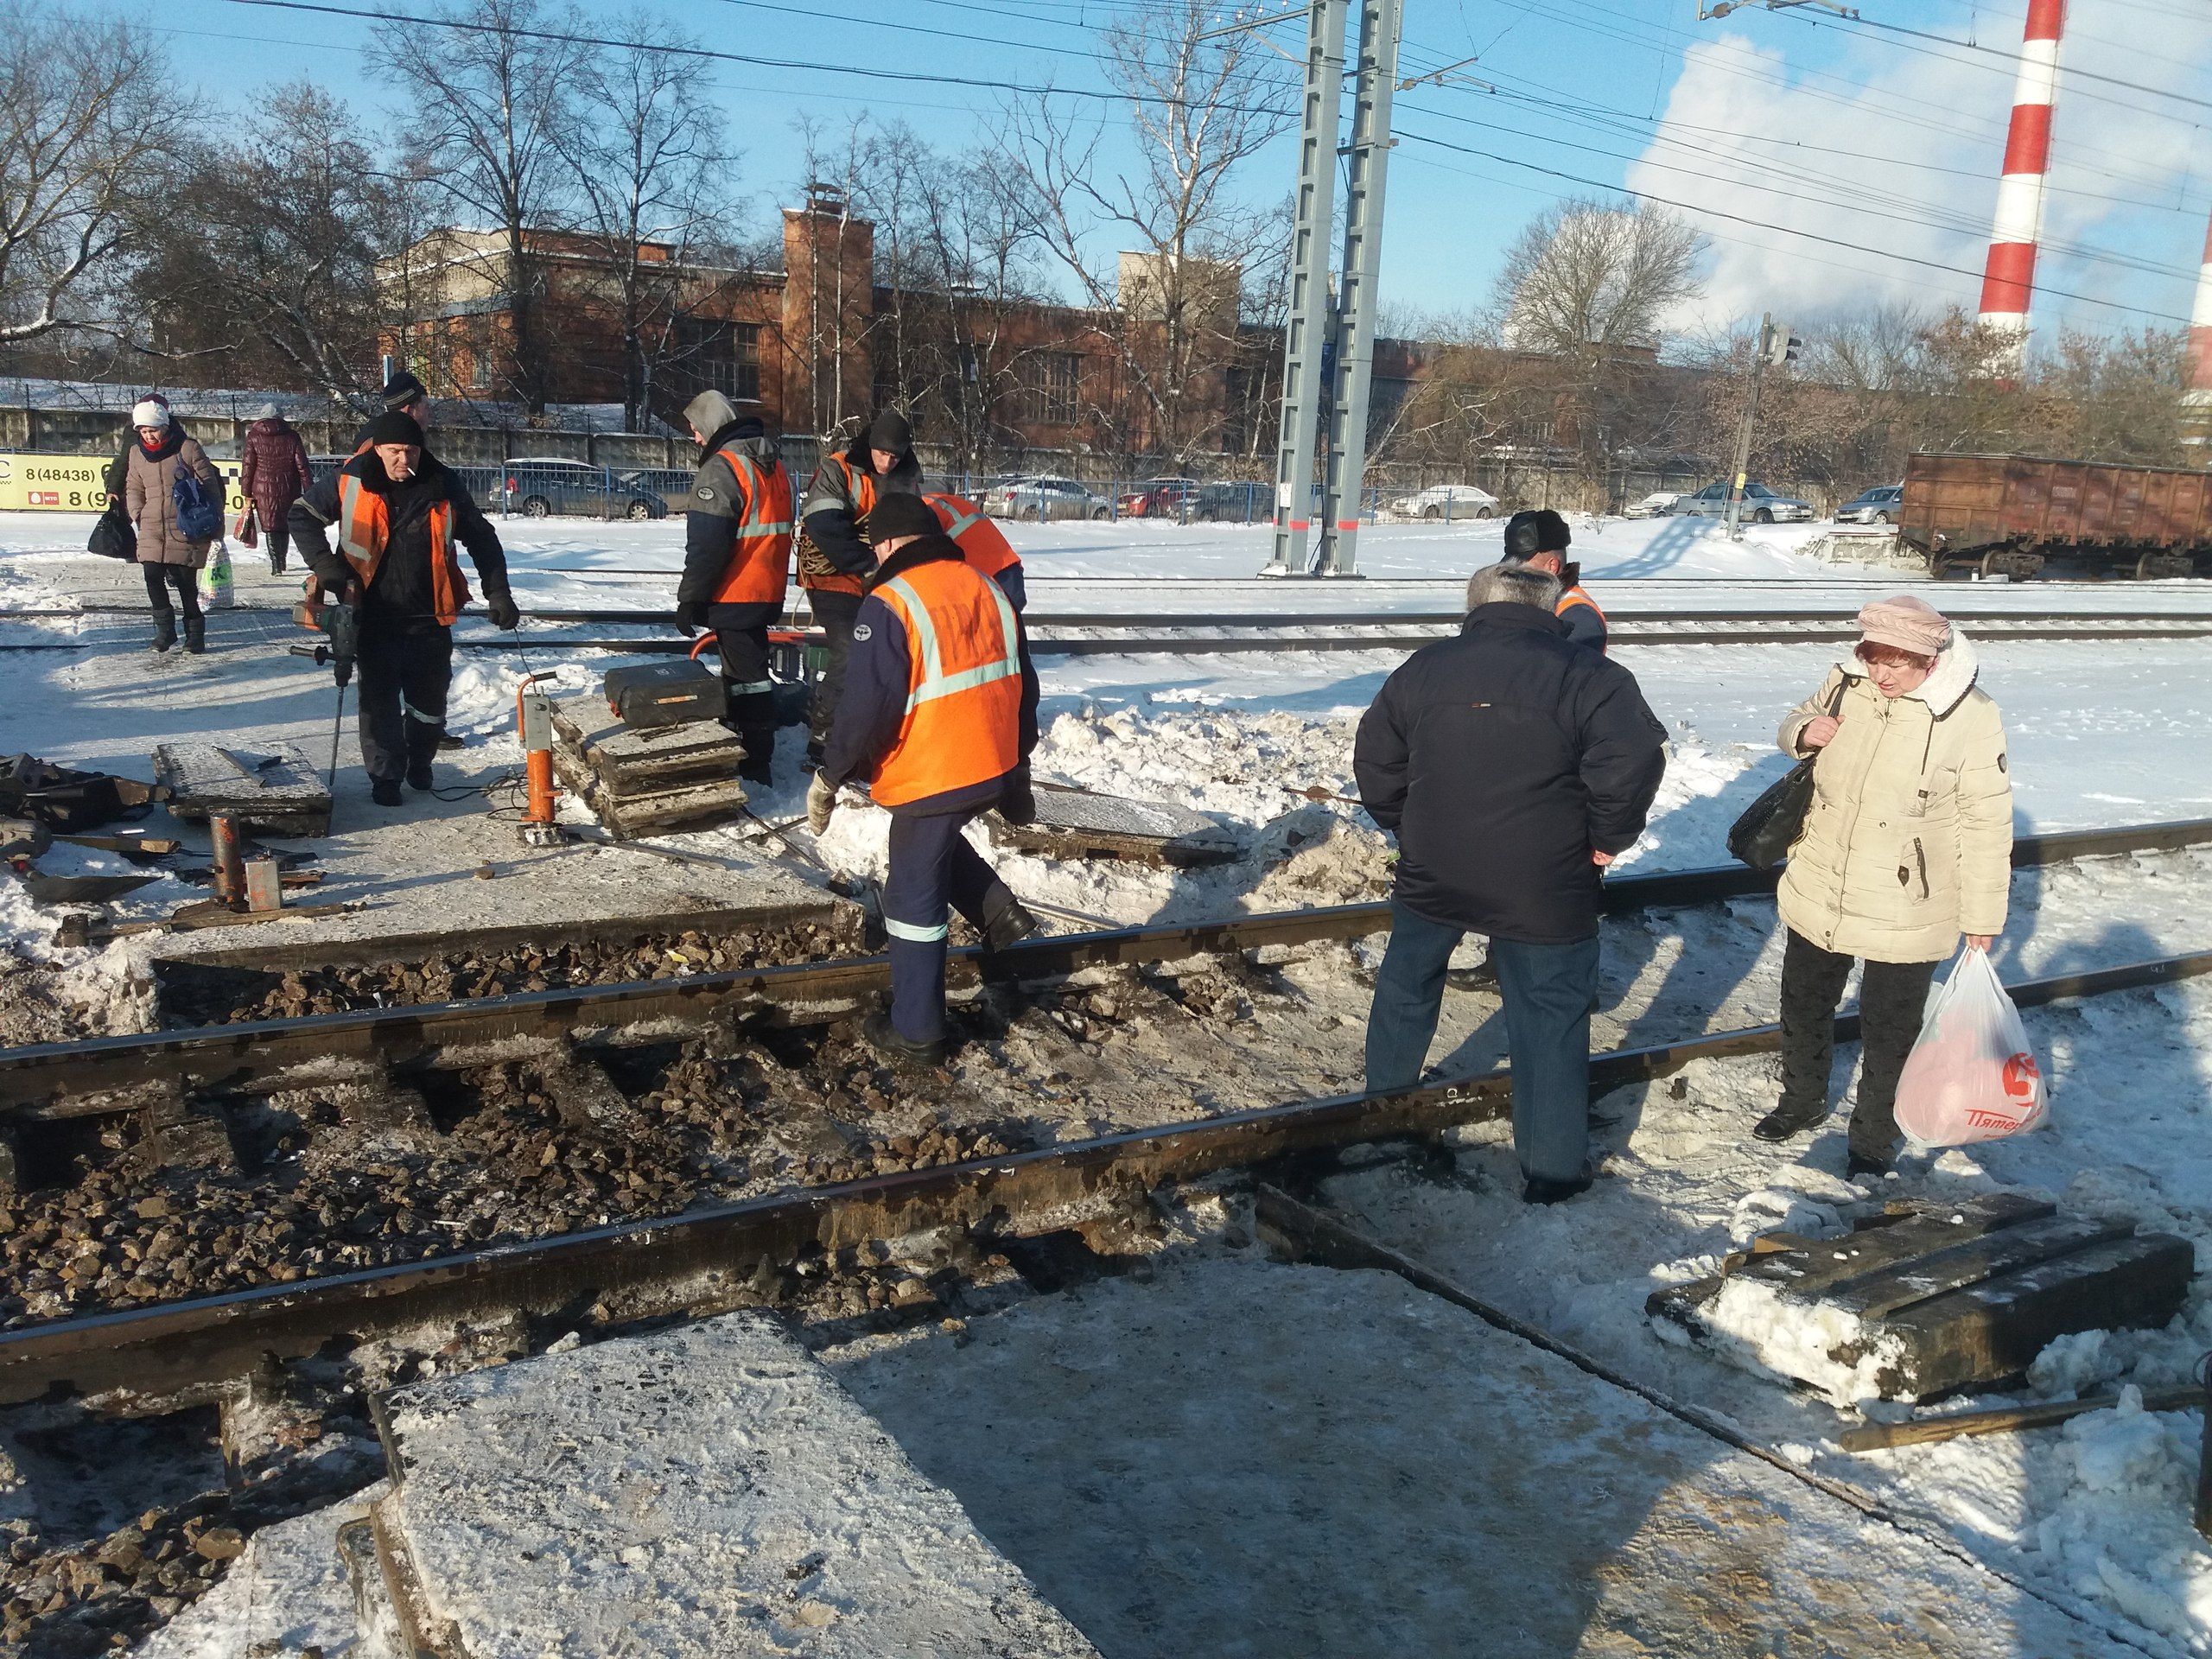 Начальник ст. Балабаново считает, что пешеходный переход через железнодорожные пути не нужен